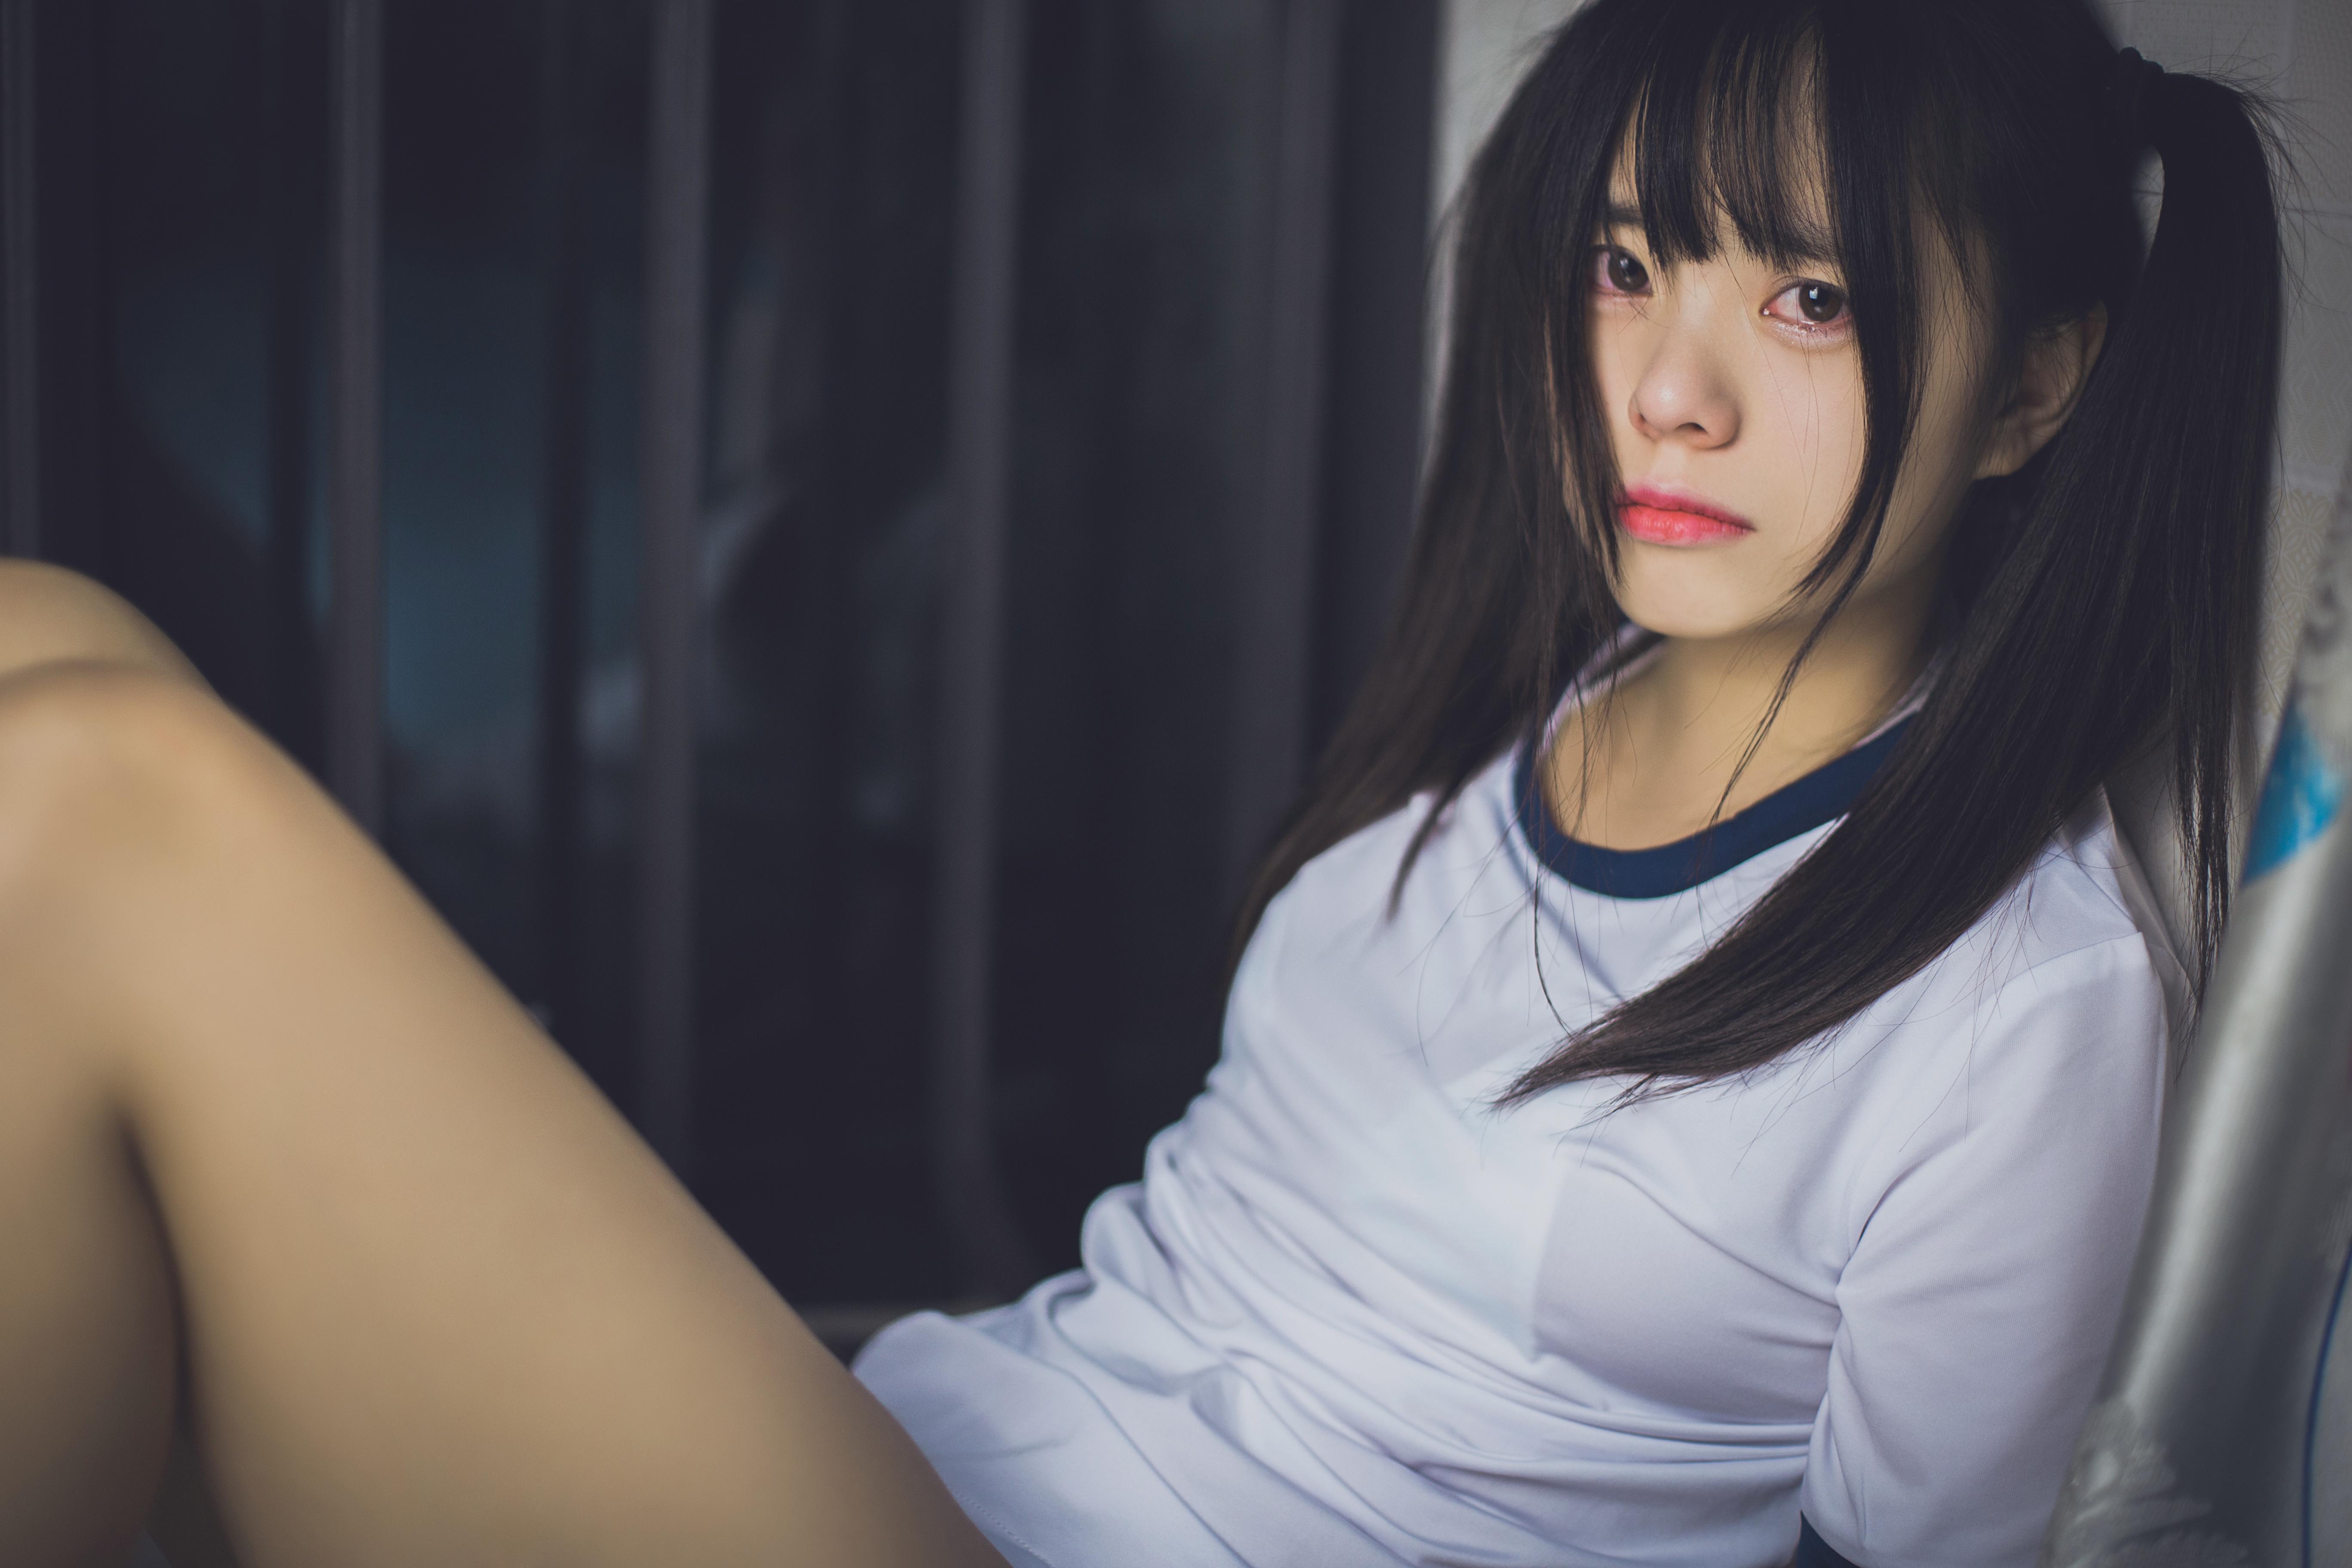 小野妹子w-英梨梨写真本拍摄版 [61P-138MB]作品 (4)